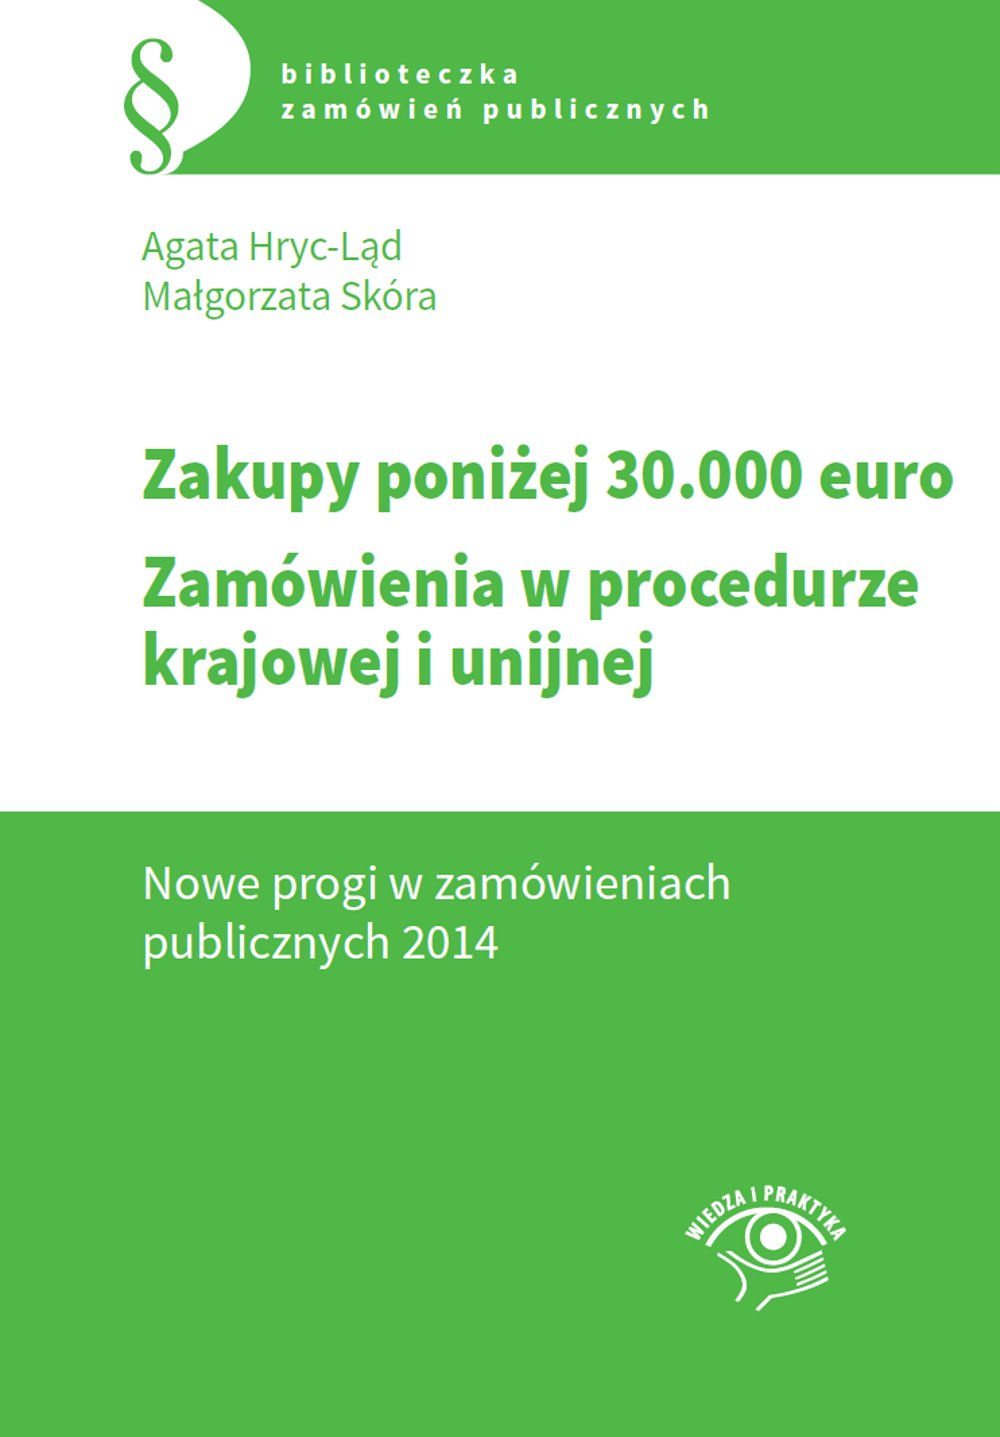 Zakupy do 30 tys. euro. Zamówienia w procedurze krajowej i unijnej. Nowe progi w zamówieniach publicznych 2014 - Ebook (Książka EPUB) do pobrania w formacie EPUB